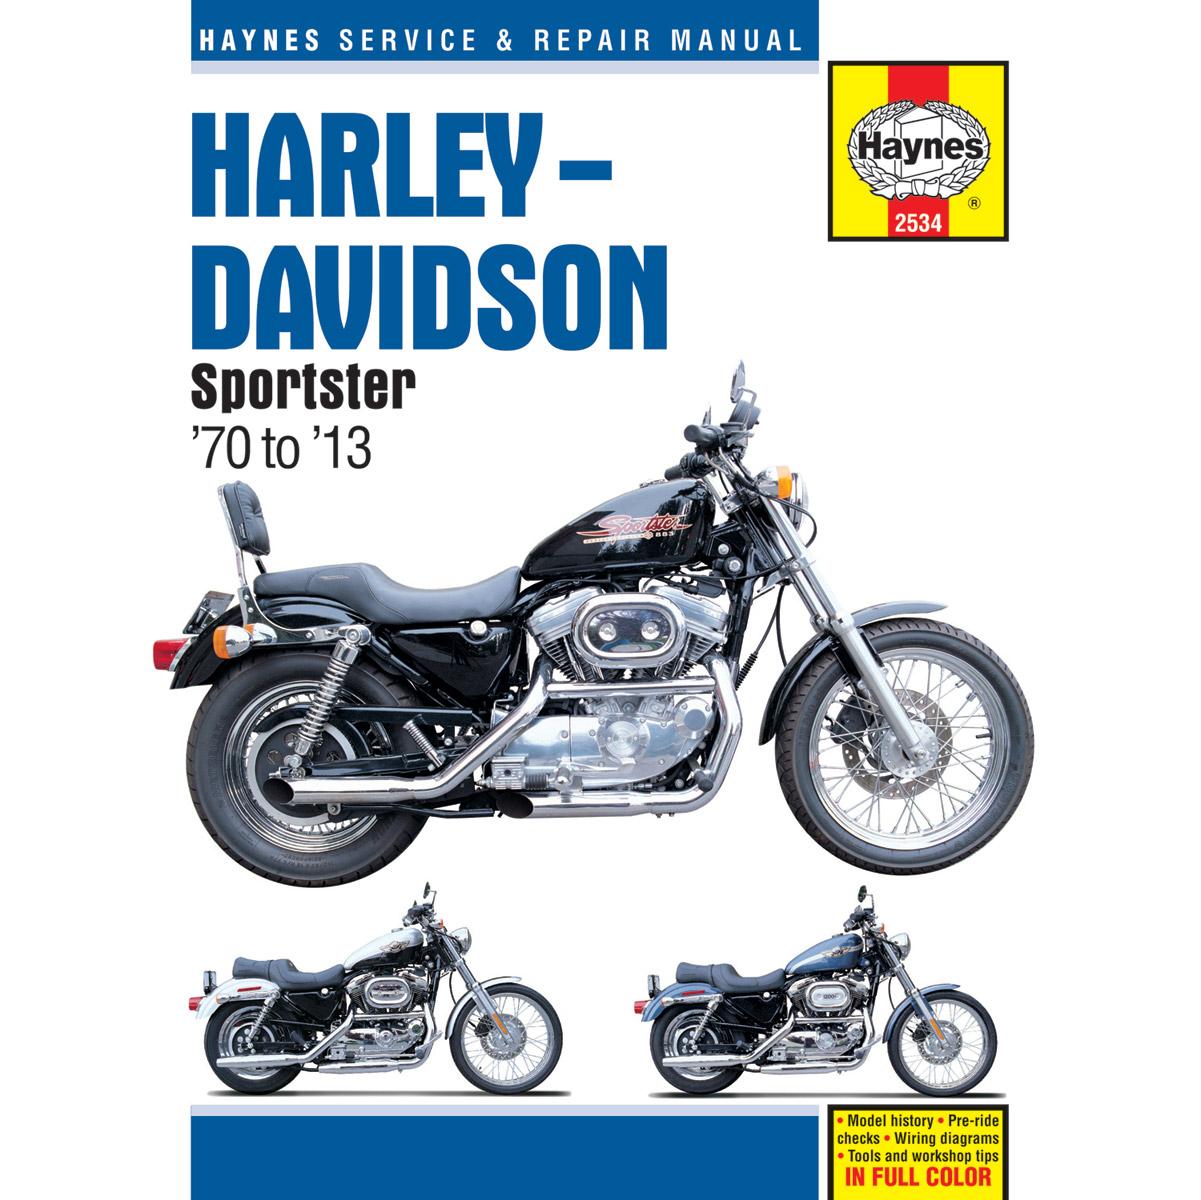 Haynes Sportster Manual - 2534 | JPCycles.com on harley-davidson parts diagram, harley-davidson flh wiring-diagram, harley-davidson electrical diagram, harley-davidson schematics, harley-davidson fxr wiring-diagram, harley-davidson shovelhead wiring-diagram, harley-davidson touring wiring-diagram, harley-davidson 3-pin connector, harley-davidson coil diagram, thermo king parts manual, 2013 harley dyna service manual, harley-davidson motorcycle diagrams,